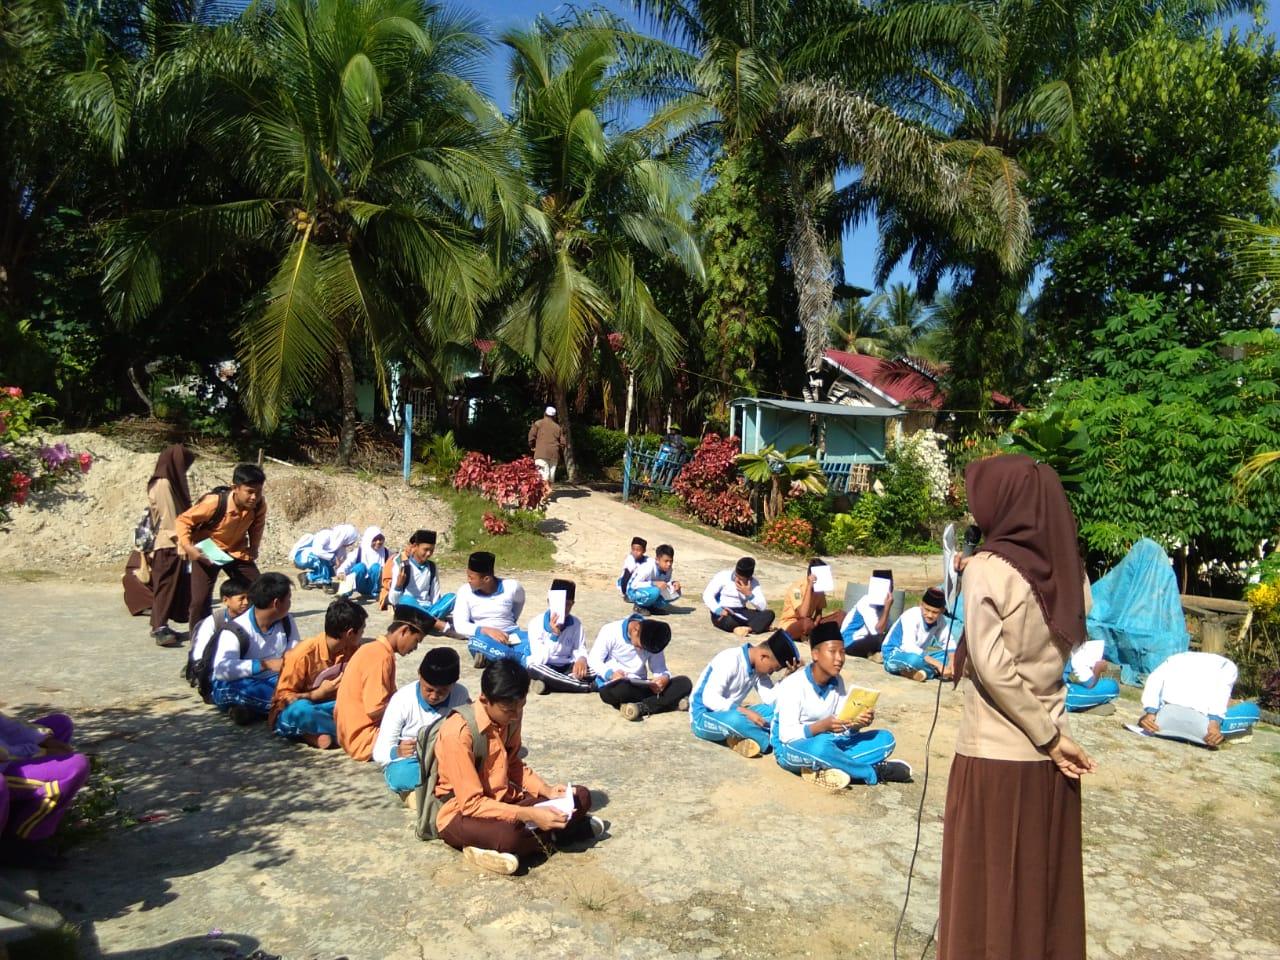 class meeting mis nurul huda dayo tandun rohul